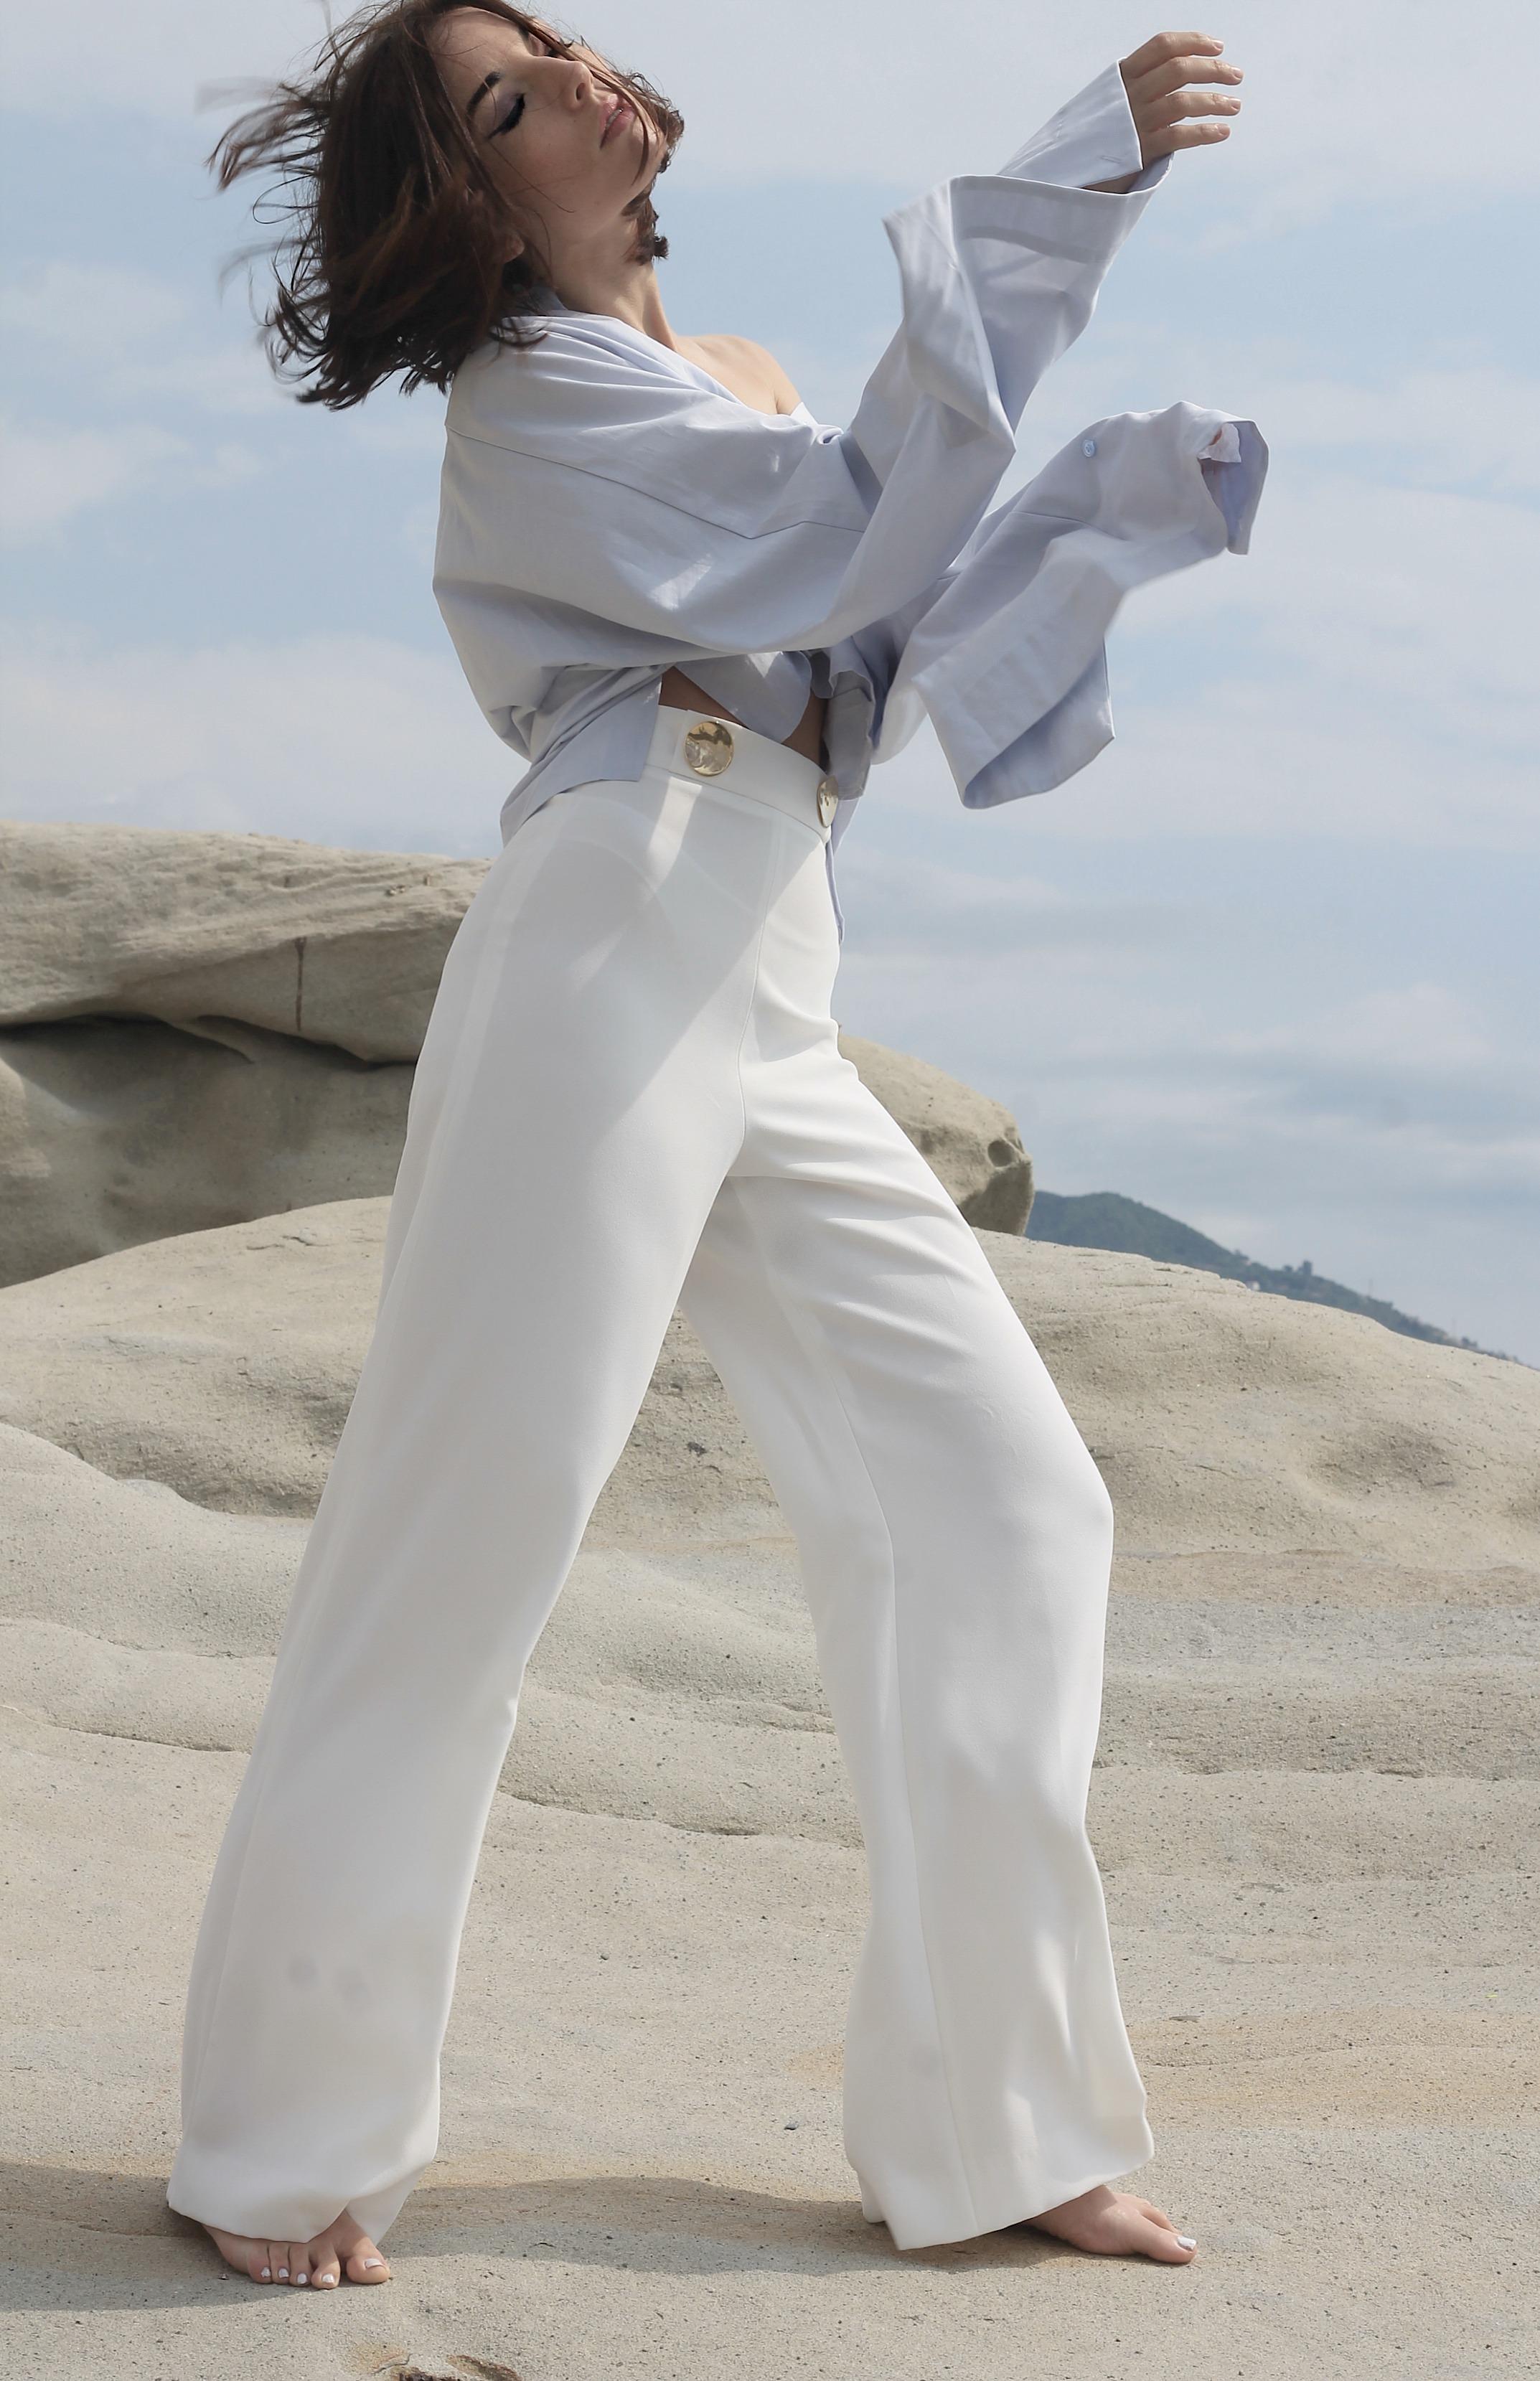 , lusso come status symbol, theladycracy.it, elisa bellino, fashion blog 2017, lusso 2017, consumi lusso 2017, minimal look blogger 2017, casual chic outfit 2017, come vestirsi estate 2017, outfit estate 2017, cosa mi metto quando fa caldo 2017, camicia chic 2017, pantaloni bianchi zara 2017, camicie maniche potenza 2017, fashion blogger famose 2017, fashion blog italia 2017, fashion blogger italiane 2017, fashion blogger famose 2017, blogger moda 2017, blog moda 2017, blogger moda più seguite 2017